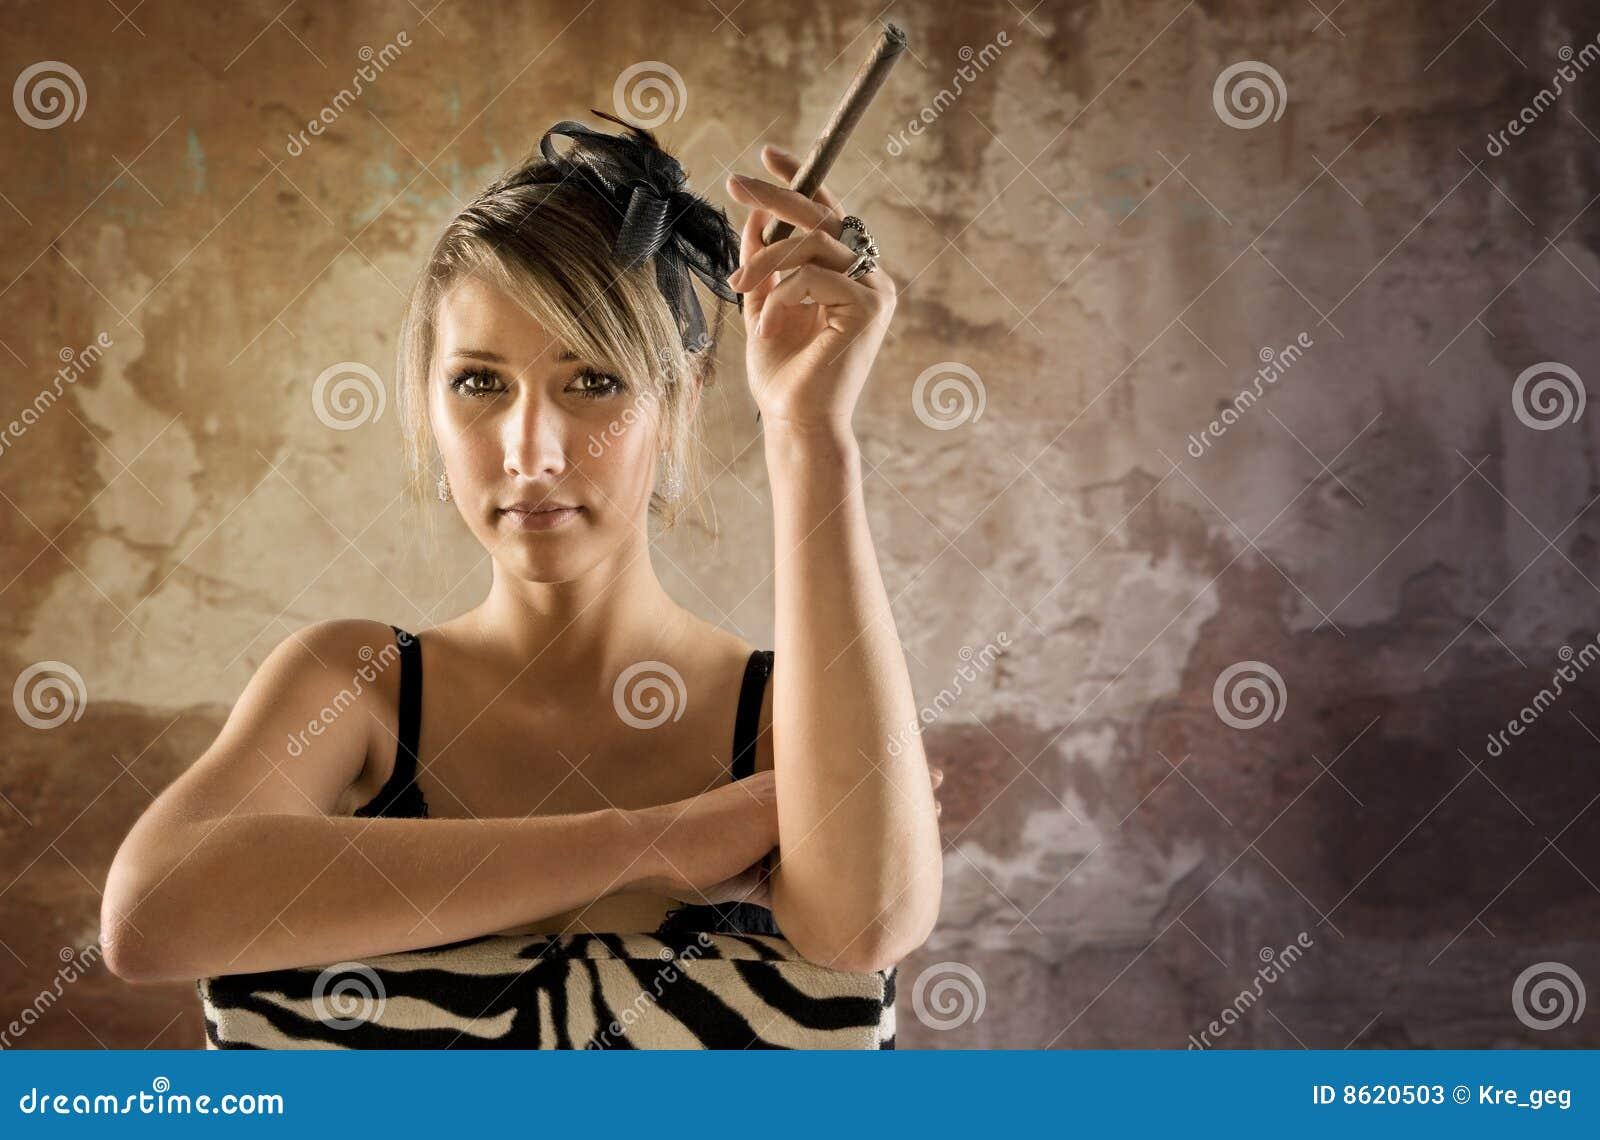 Le cigare travers les clbrits - CAVE A CIGARES com